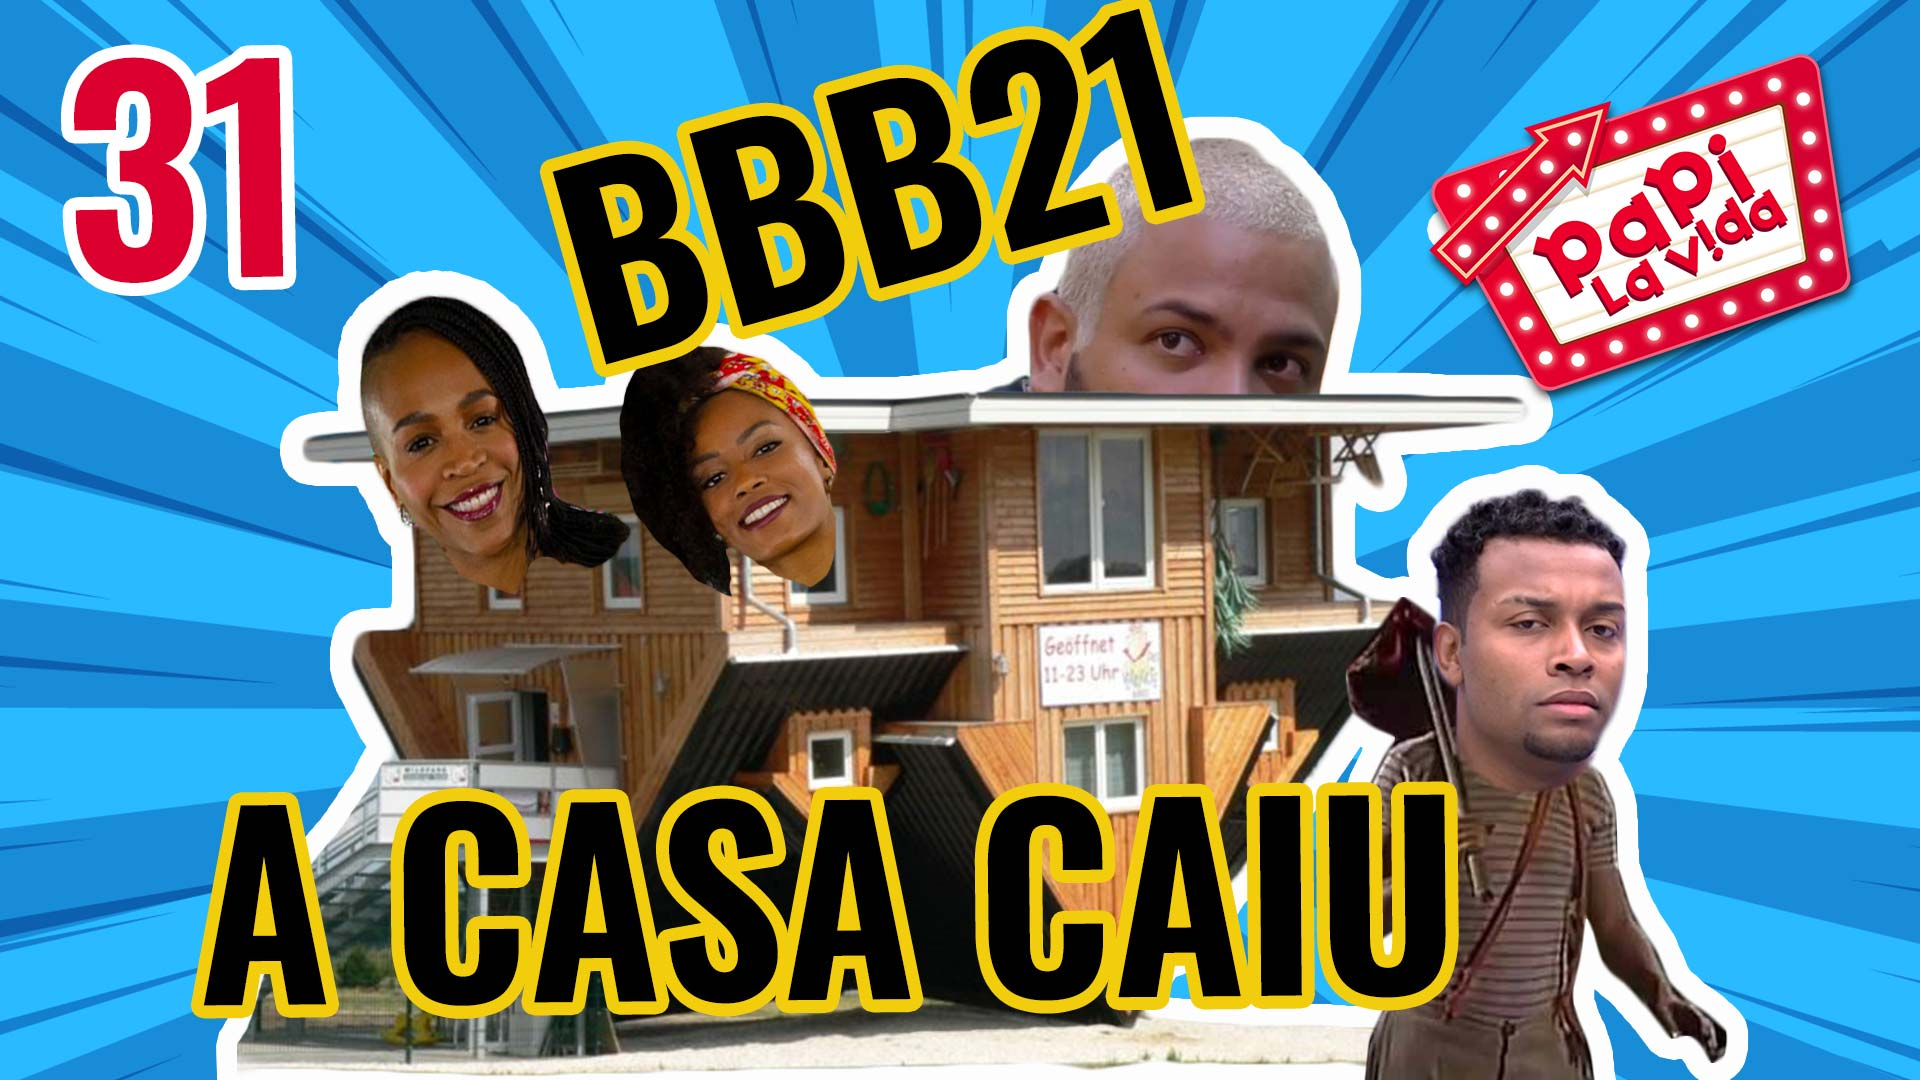 BBB21 - Adiós Nego Di (A Casa Caiu) | Papi La Vida 31